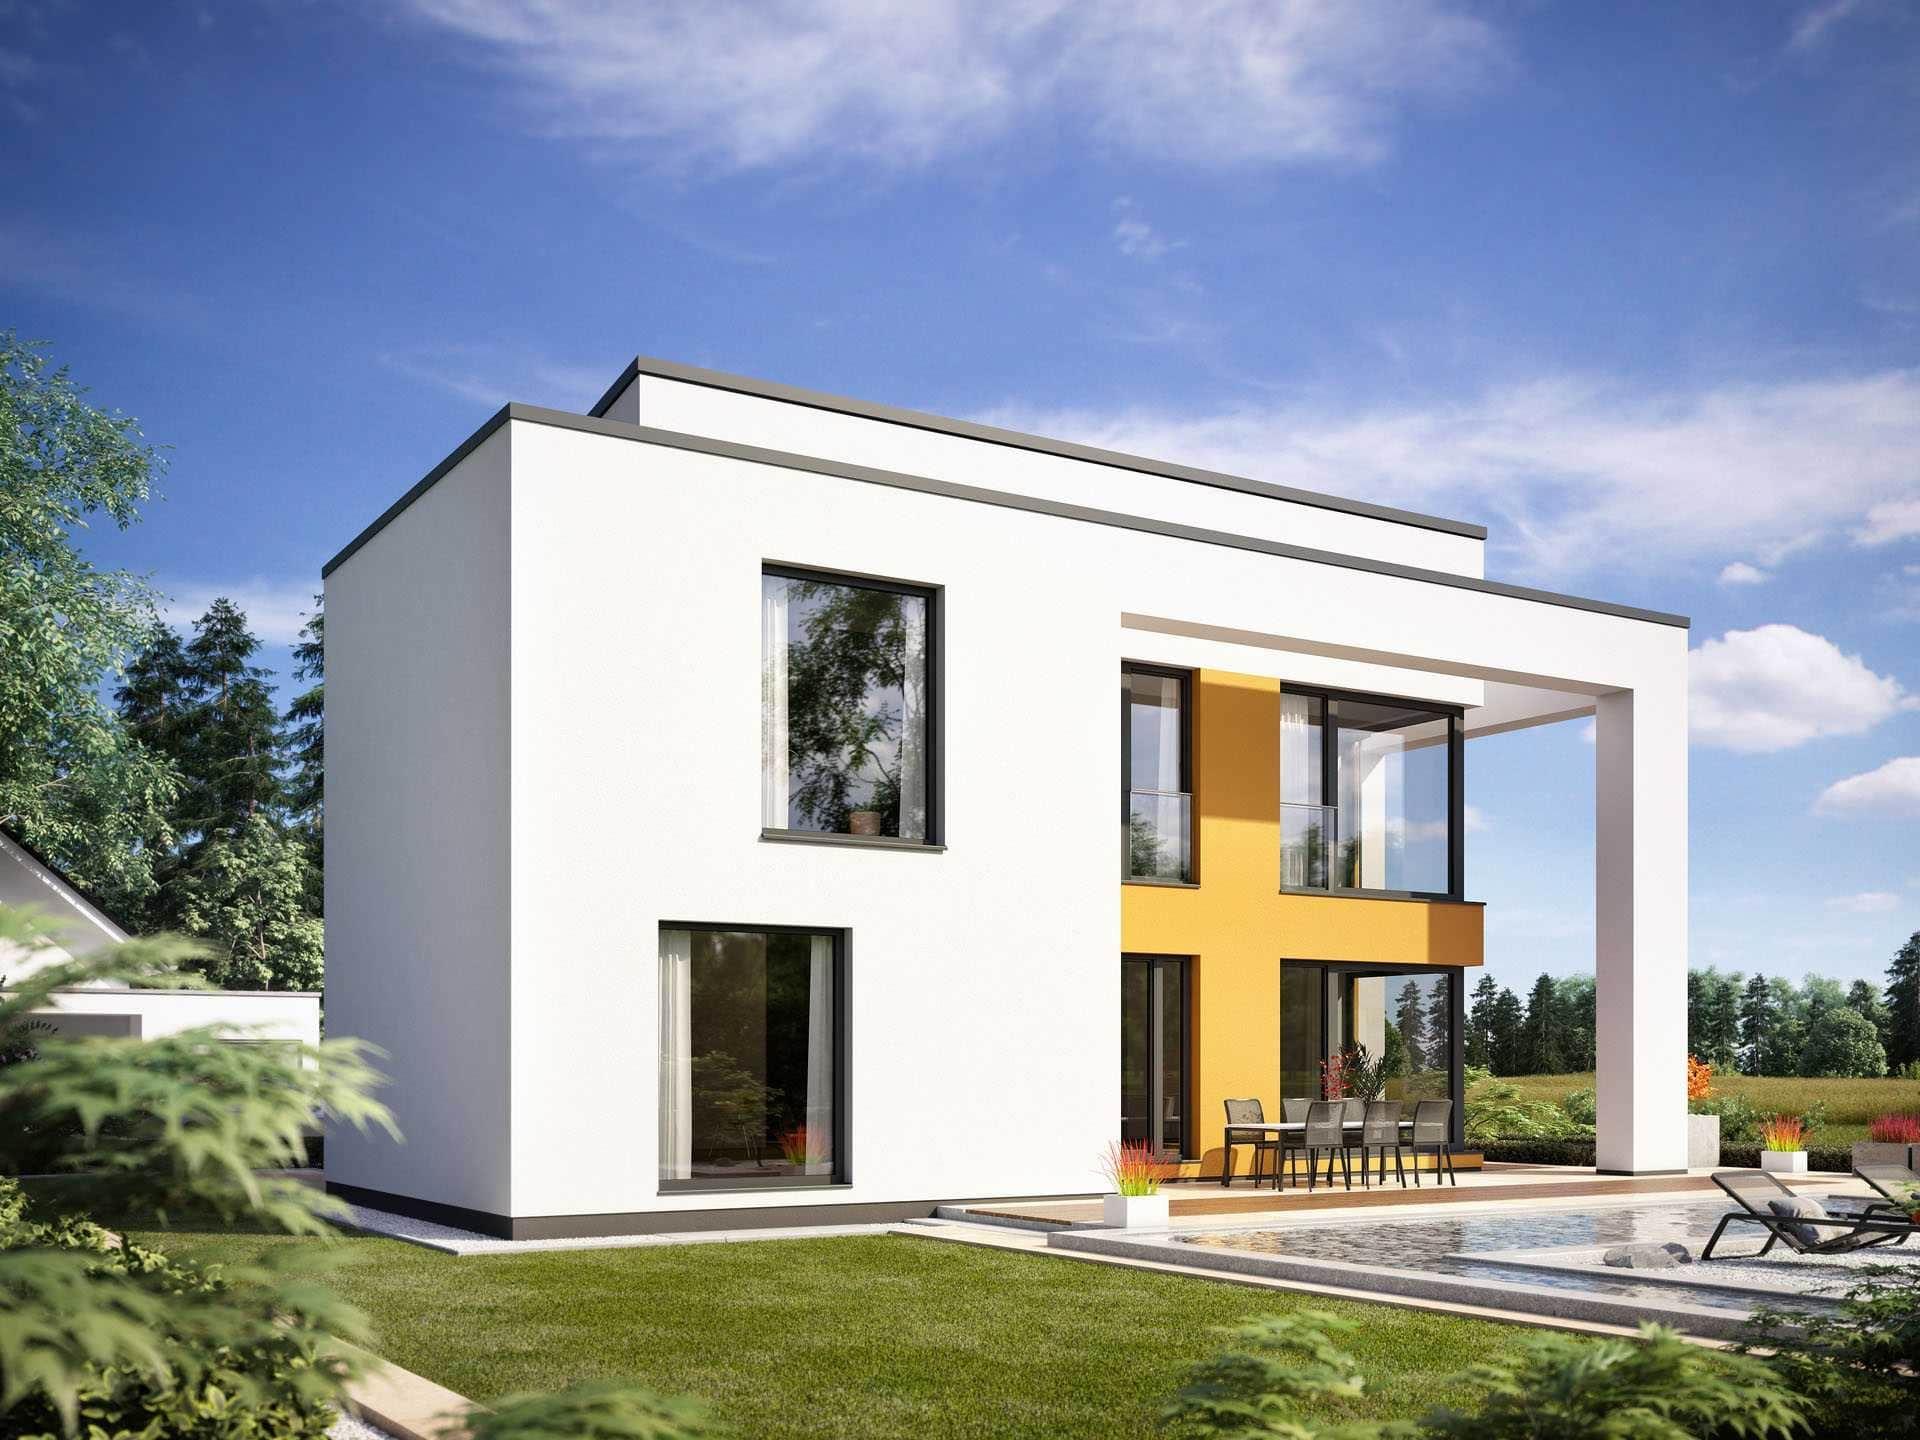 baufritz - landhaus mommsen - ferienhaus am meer. ob beim essen ... - Der Ankleideraum Perfekte Organisation Jedes Haus